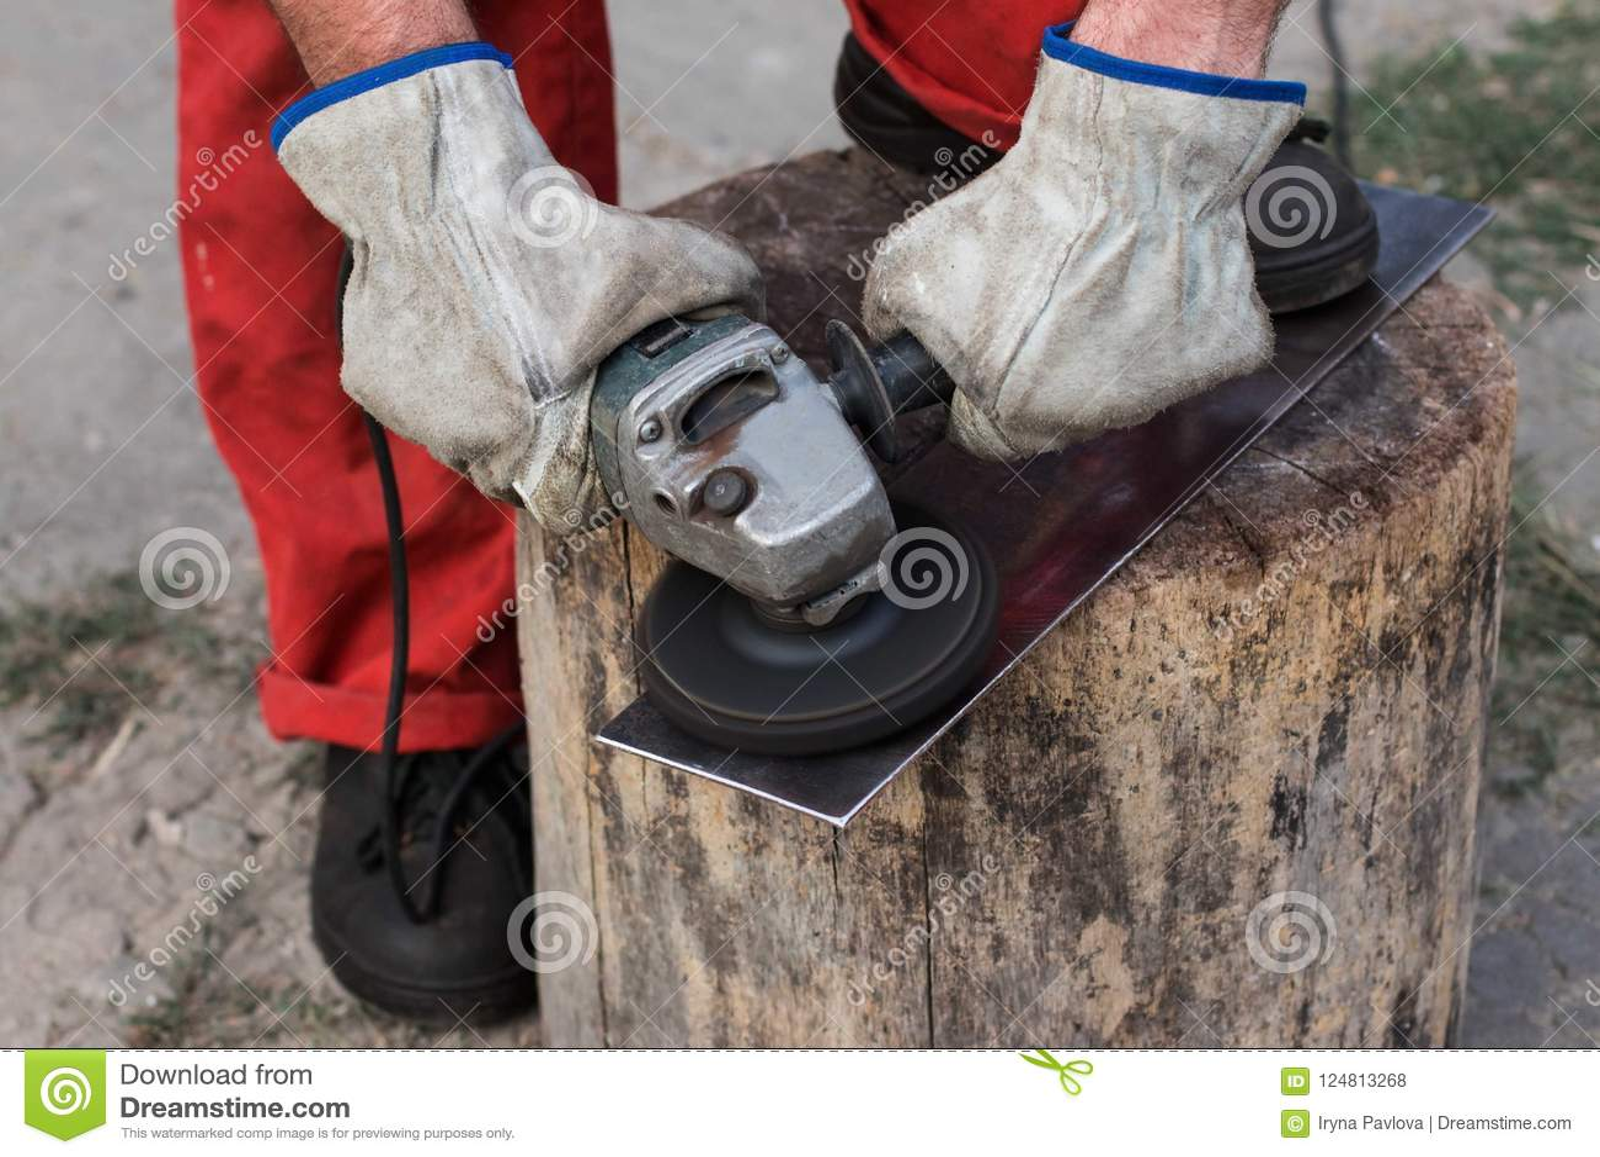 De handen van de arbeider in handschoenen behandelen een blad van metaal met een gri